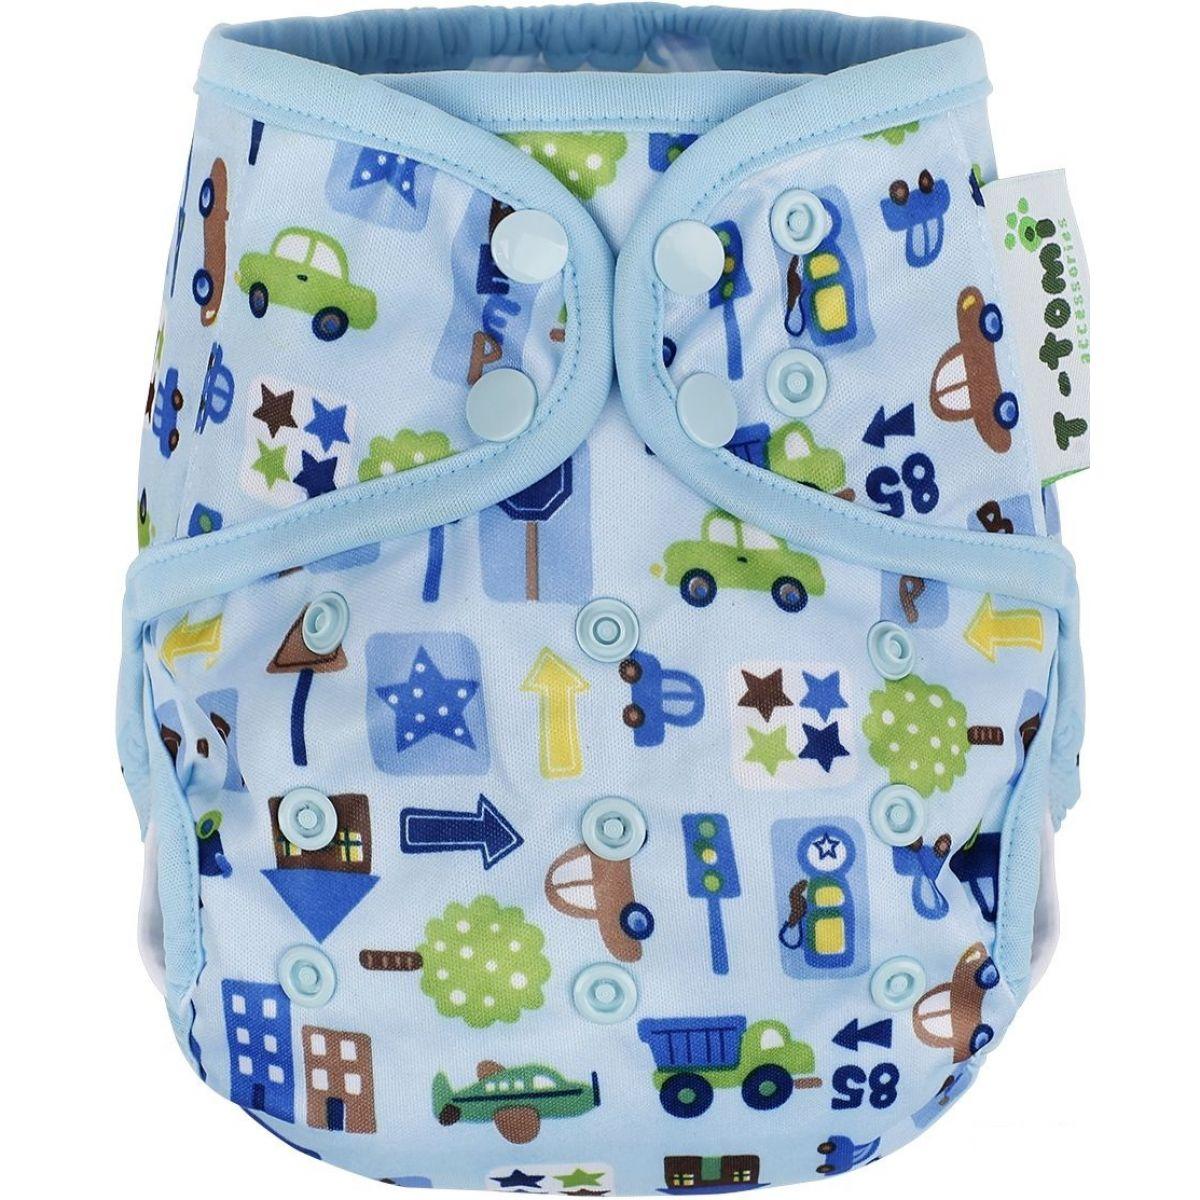 T-tomi Svrchní kalhotky, 1 ks, modrá auta